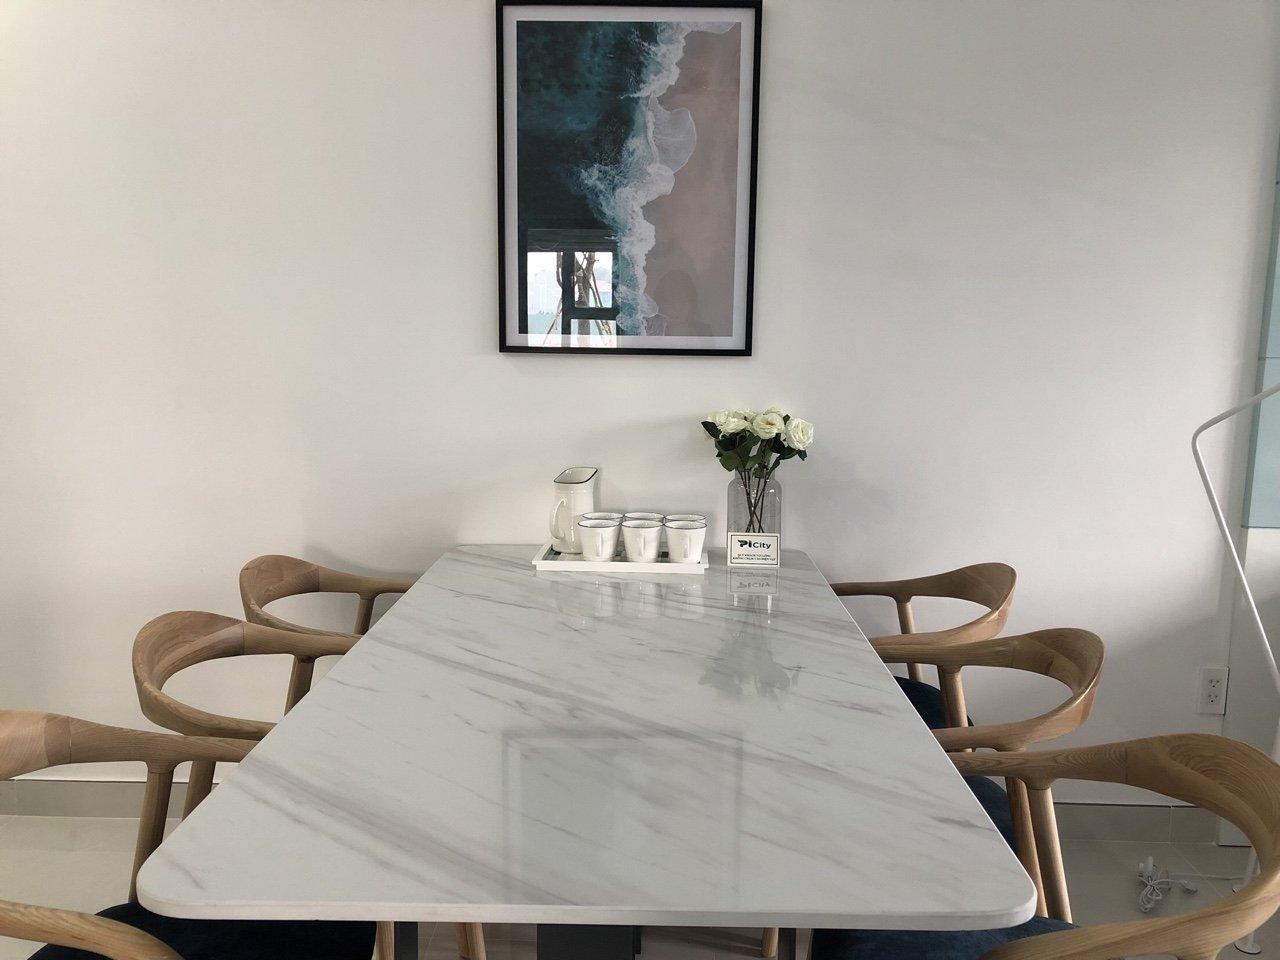 Không gian bàn ăn căn hộ Picity